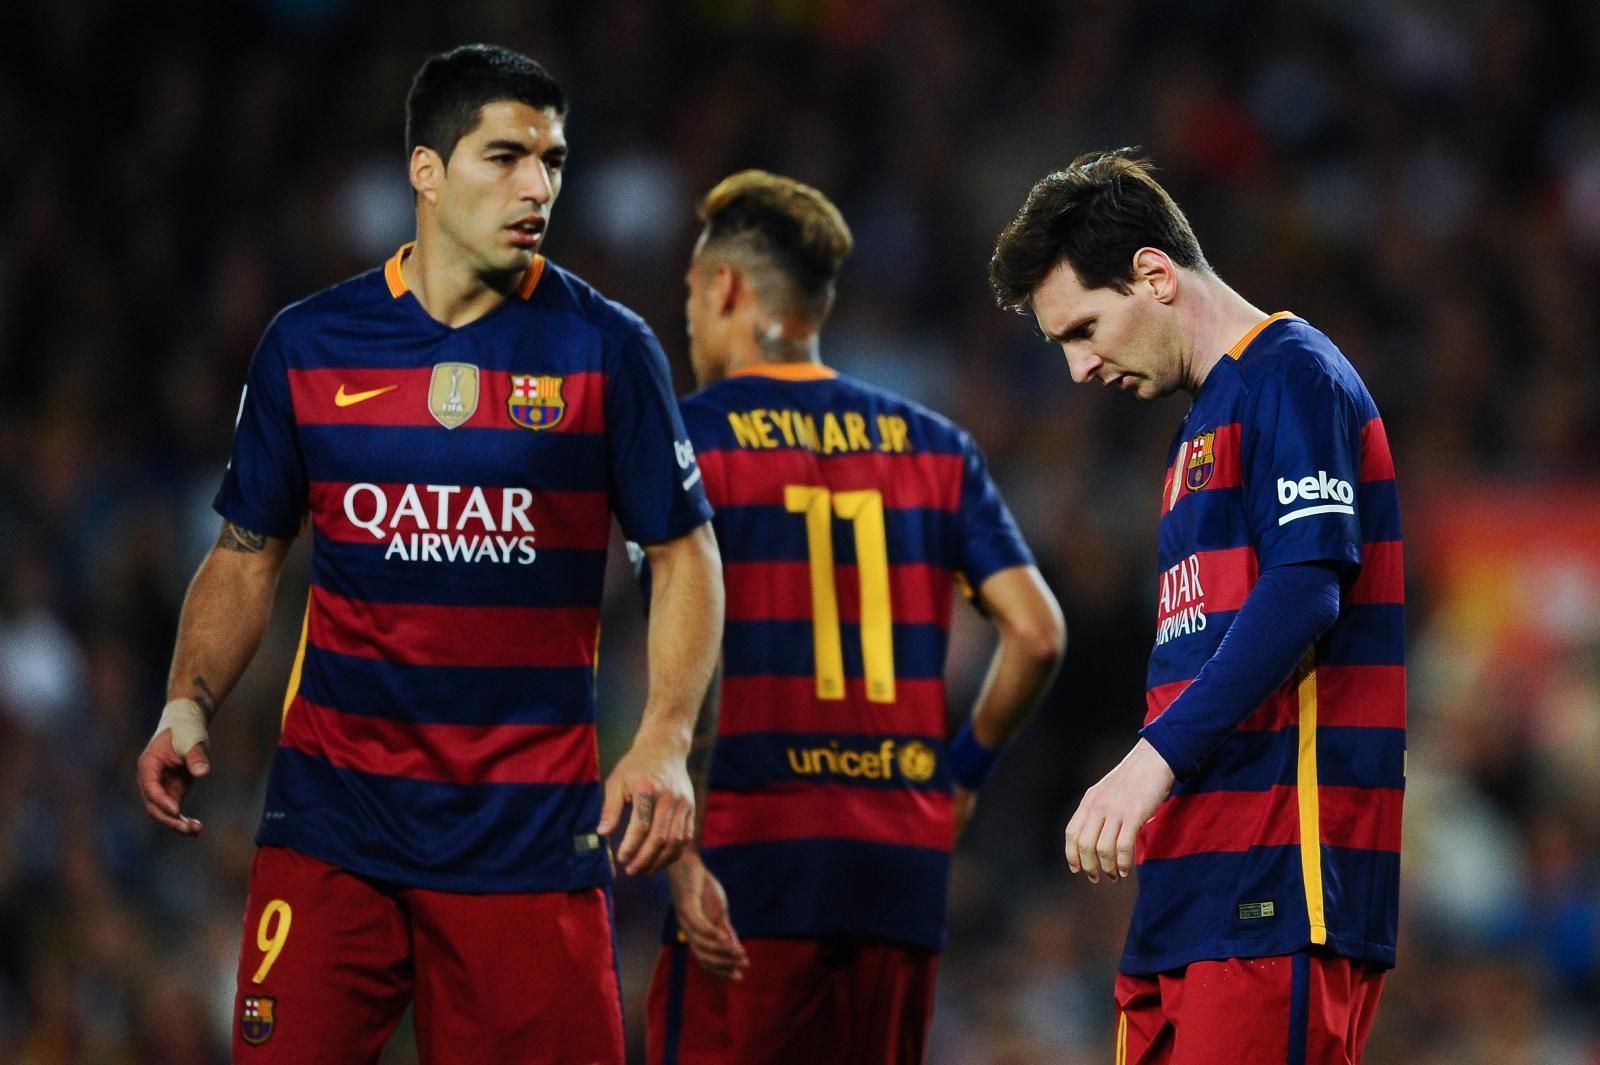 Messi, Neymar, Suarez